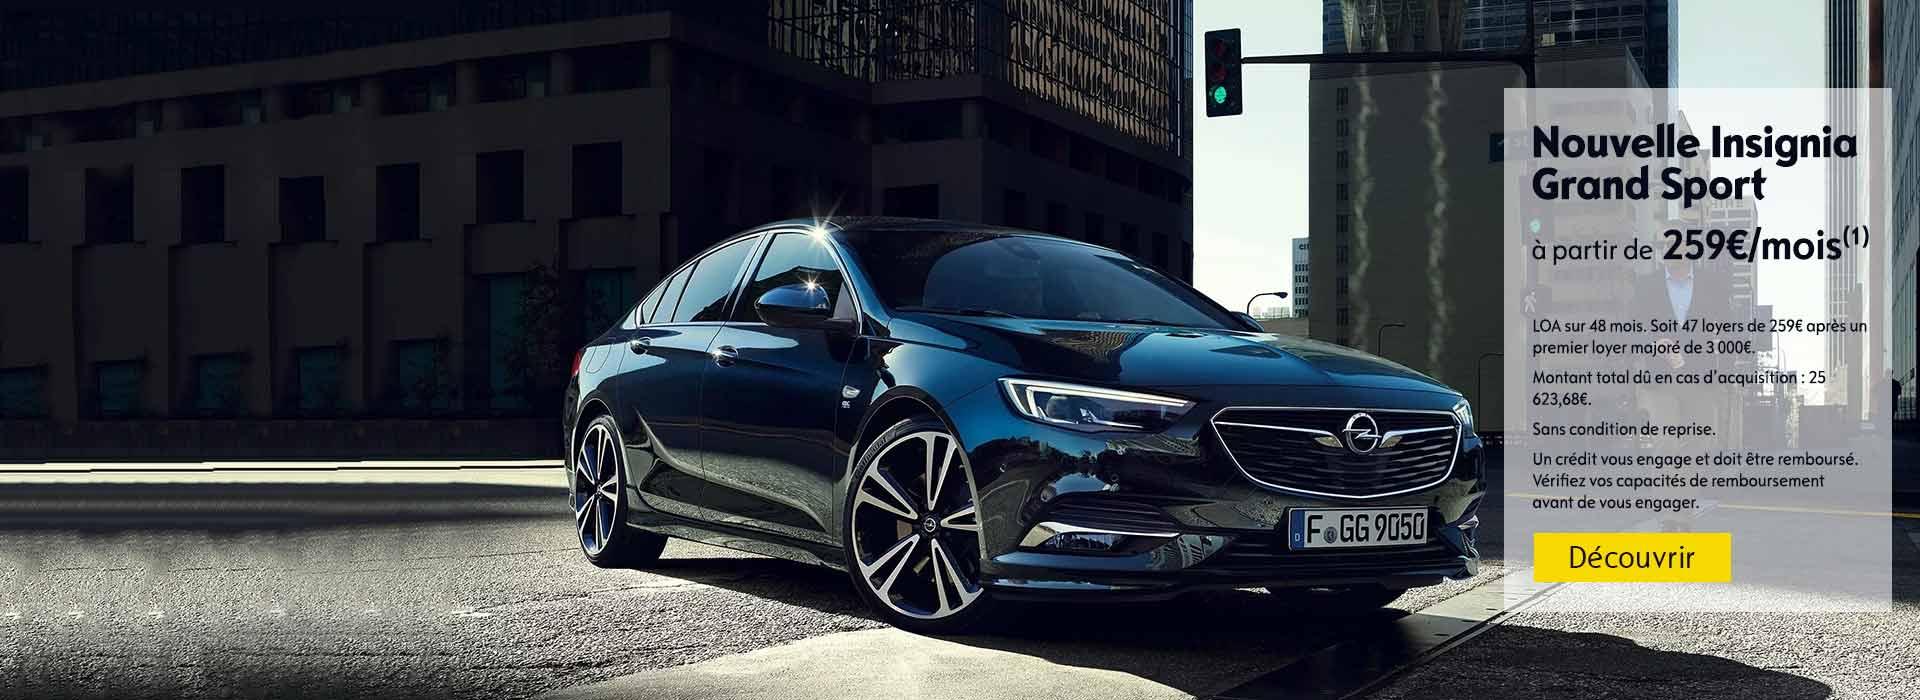 Opel tours concessionnaire garage indre et loire 37 for Garage citroen bazouges loir